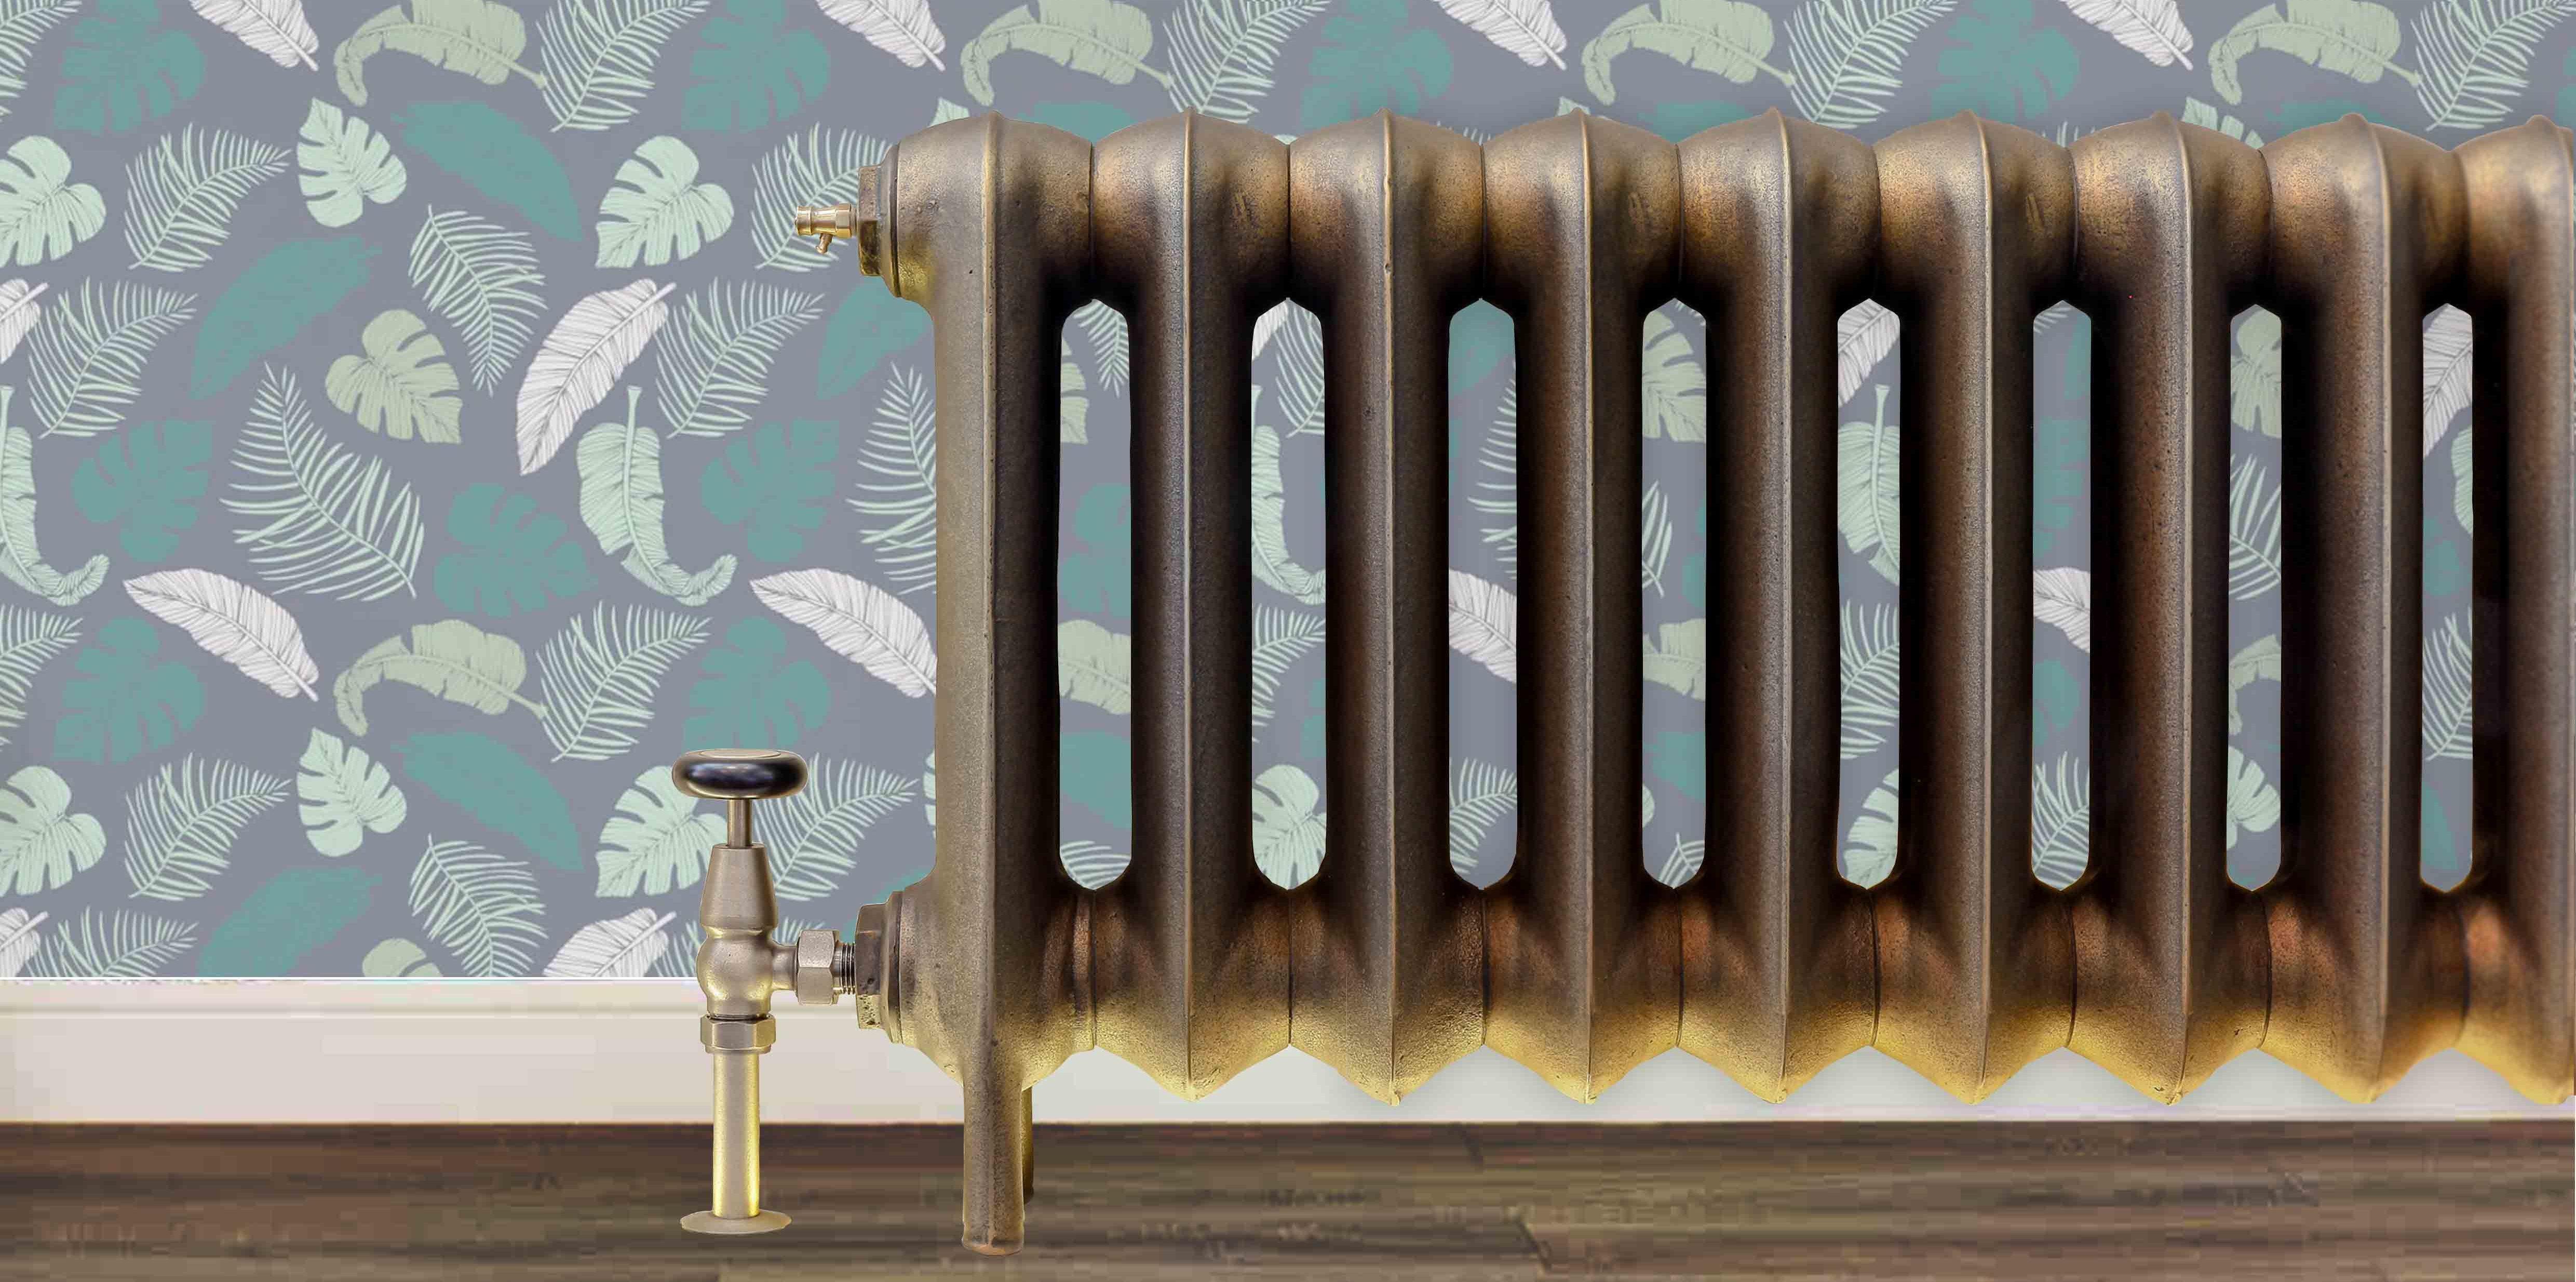 Antique Radiators Design Plus London